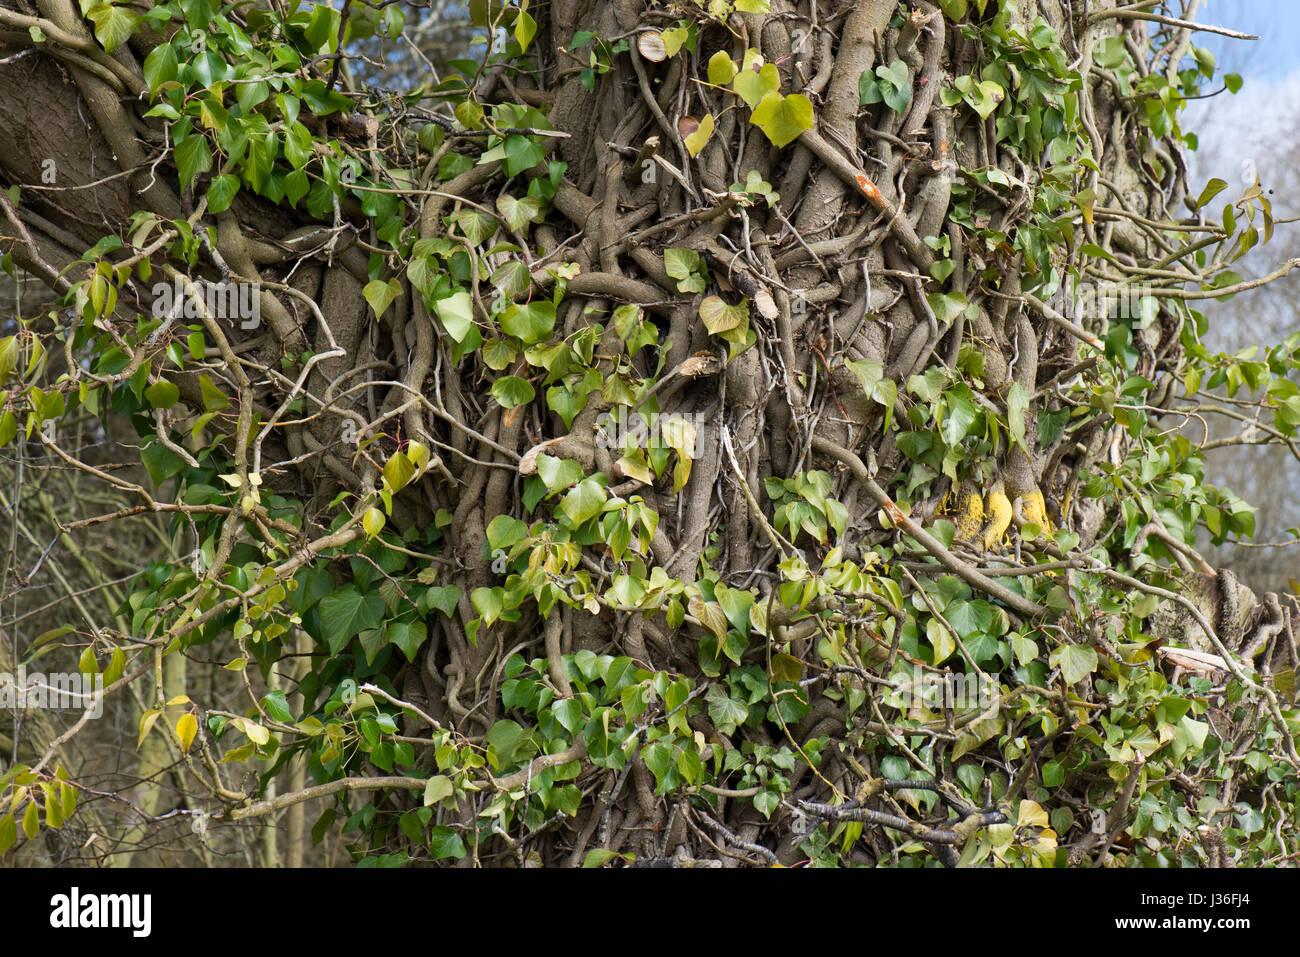 Alte und traditionsreiche gemeinsame Efeu, Hedera Helix, verdrehen und miteinander verwoben, um den Stamm eines Baumes mit den Blättern, die teilweise entfernt, um zu zeigen, die la Stockfoto